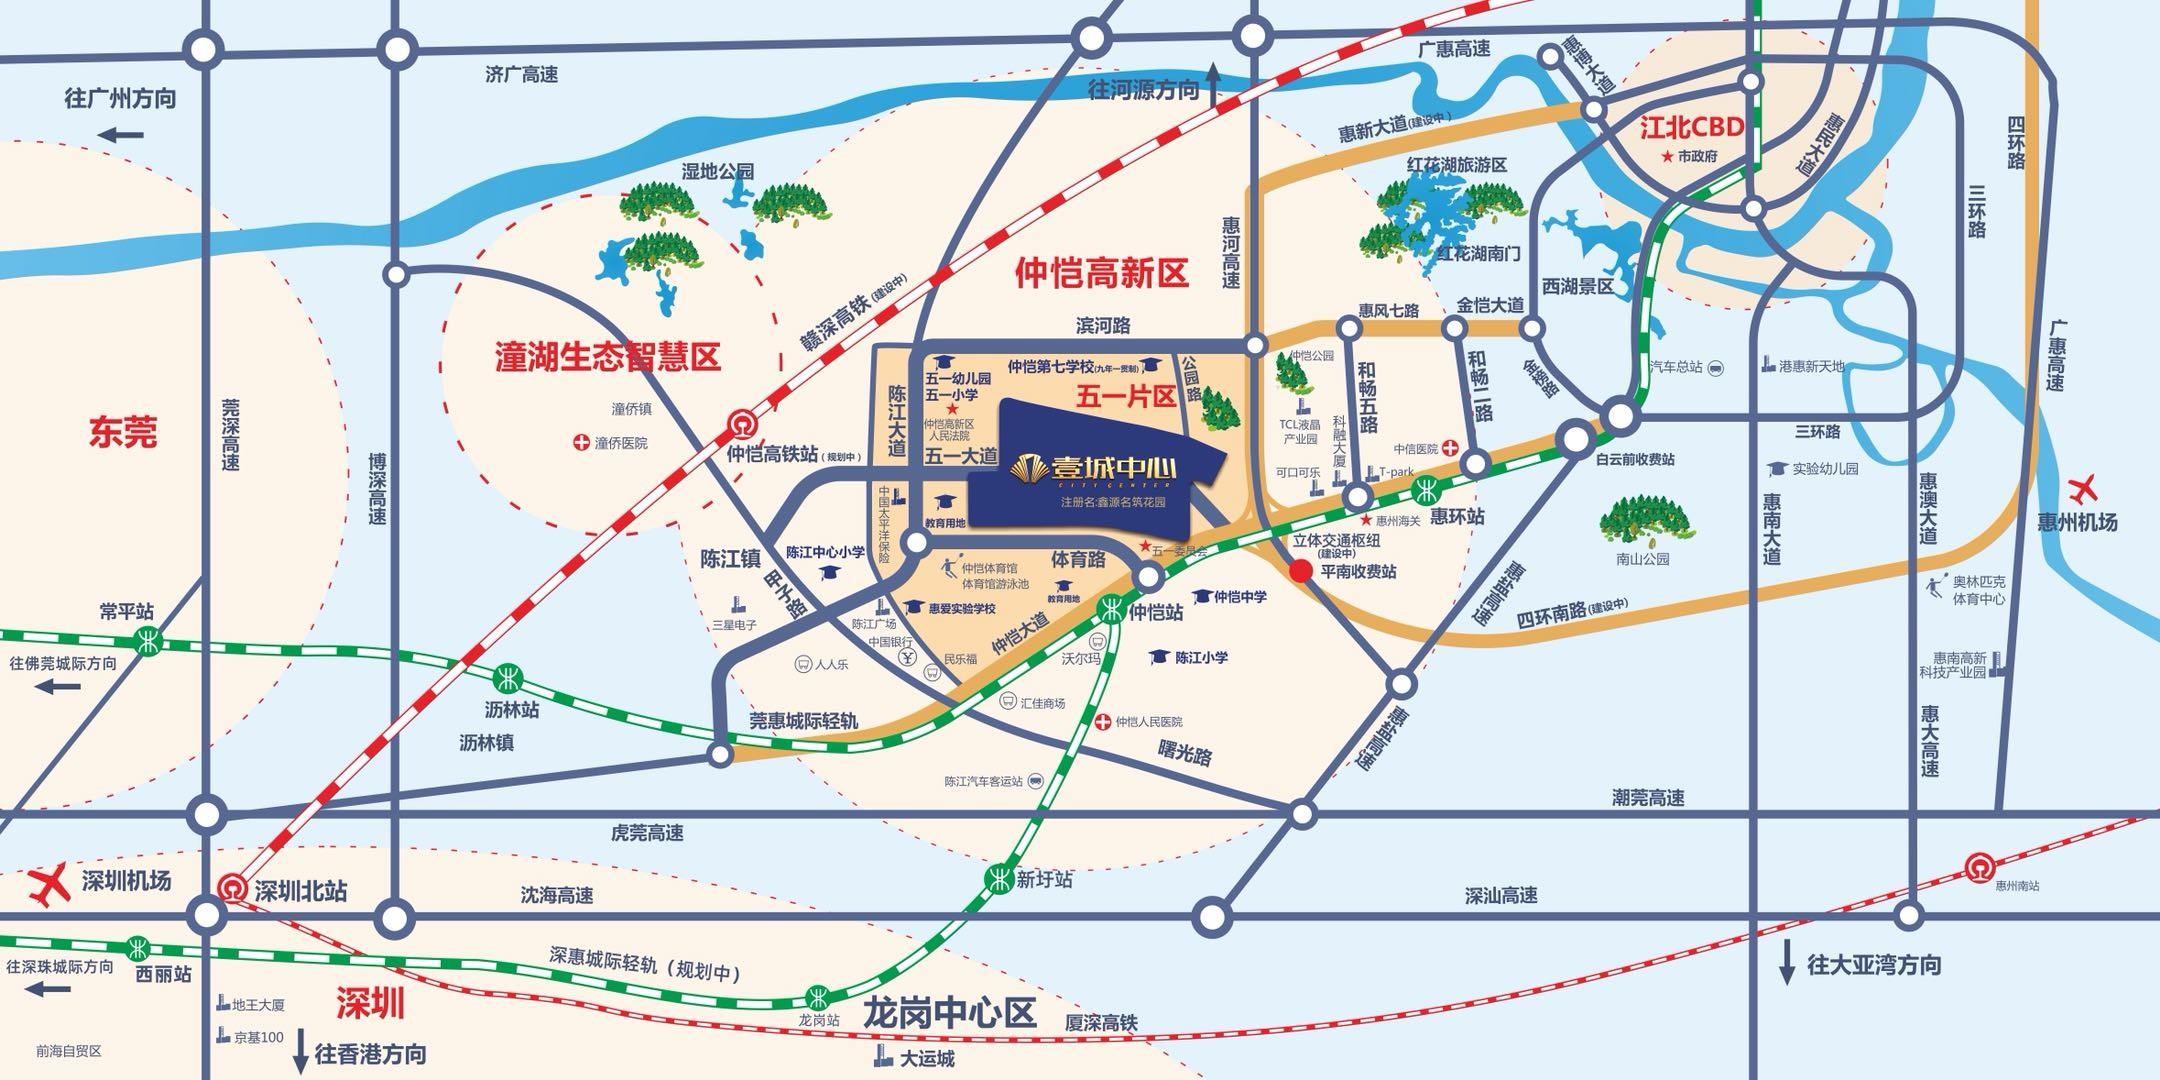 昊翔源壹城中心位置图